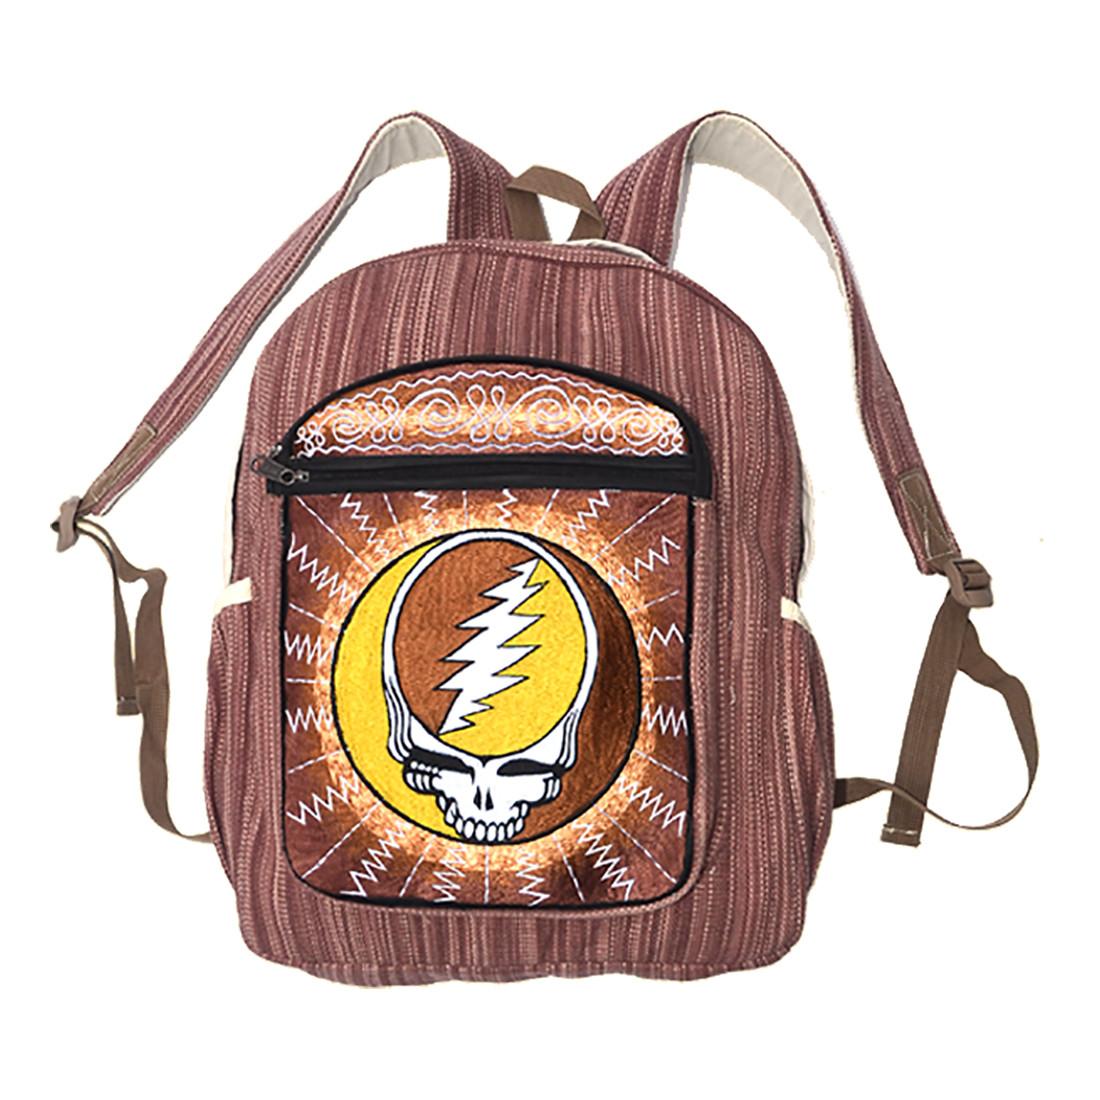 SYF Burst Striped Backpack